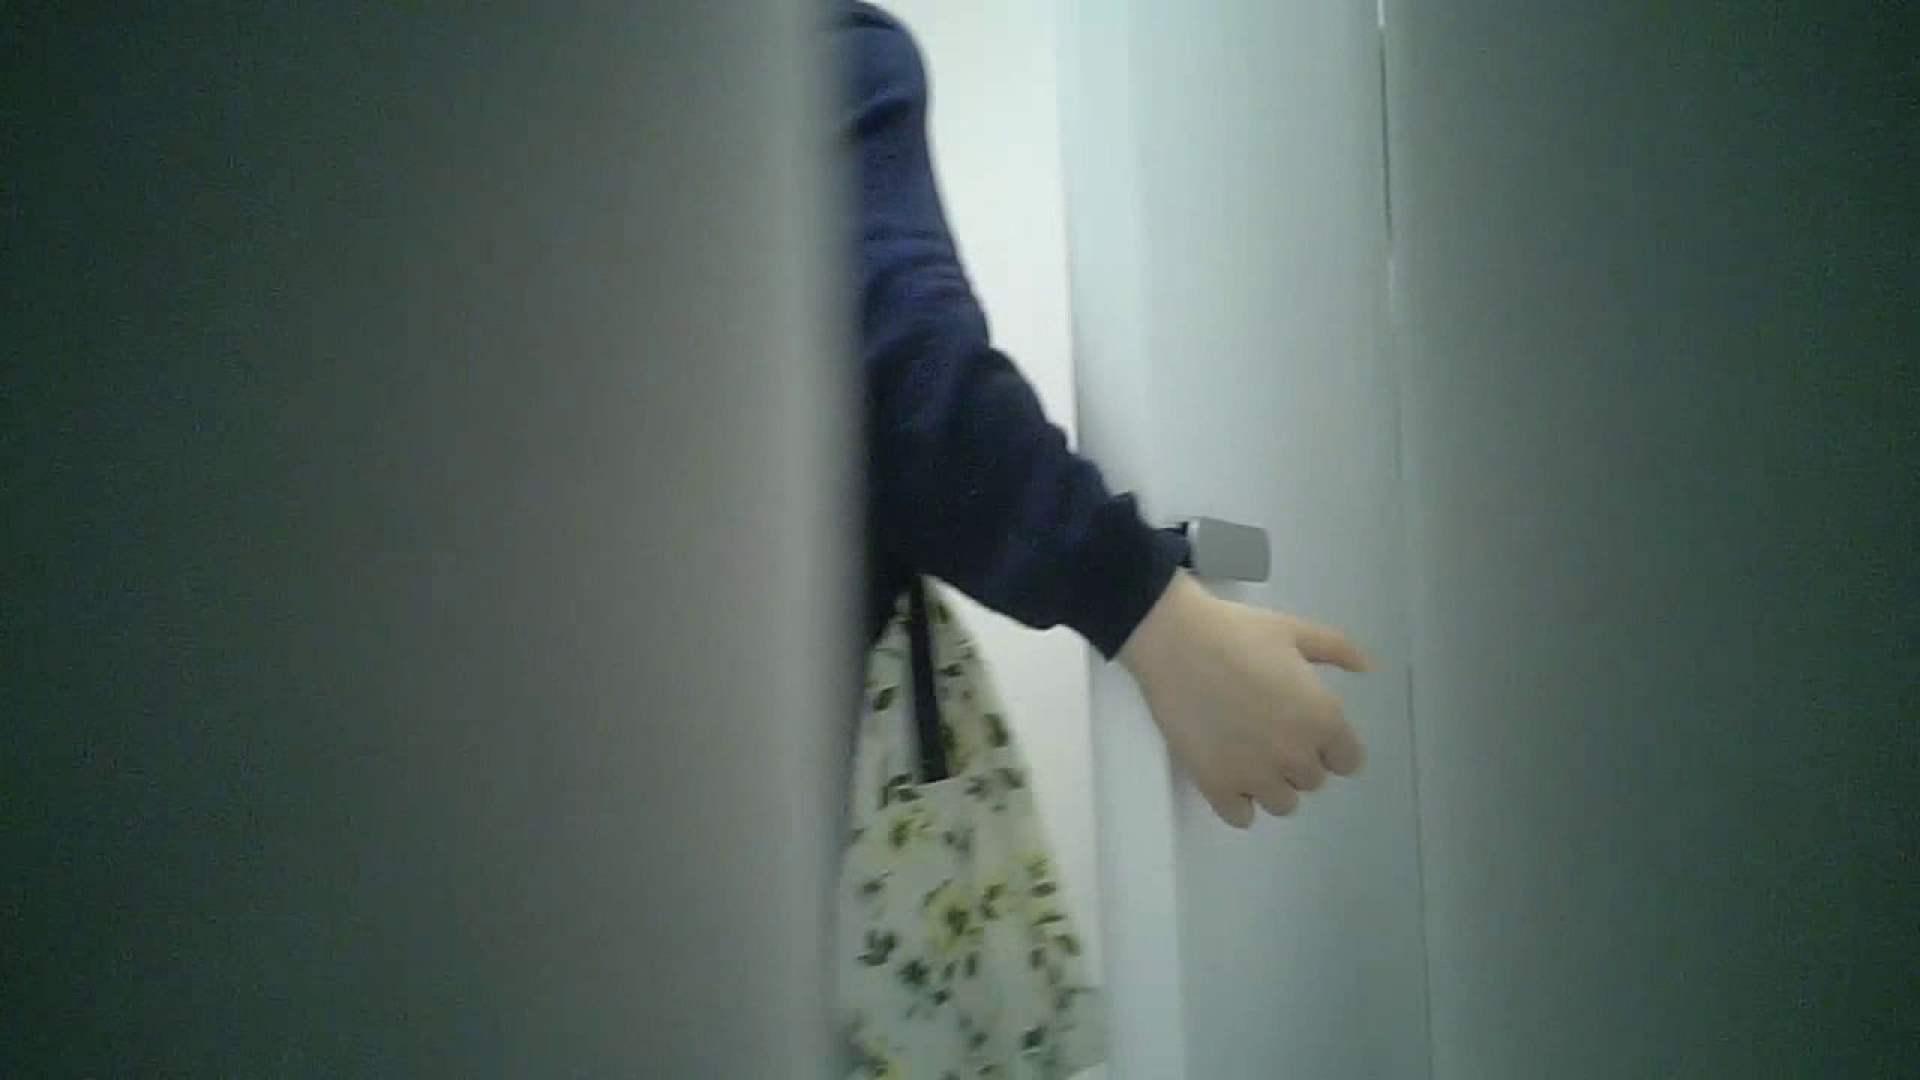 某有名大学女性洗面所 vol.34 今回は、2カメでばっちりいっちゃいました。 投稿 AV無料 84画像 70